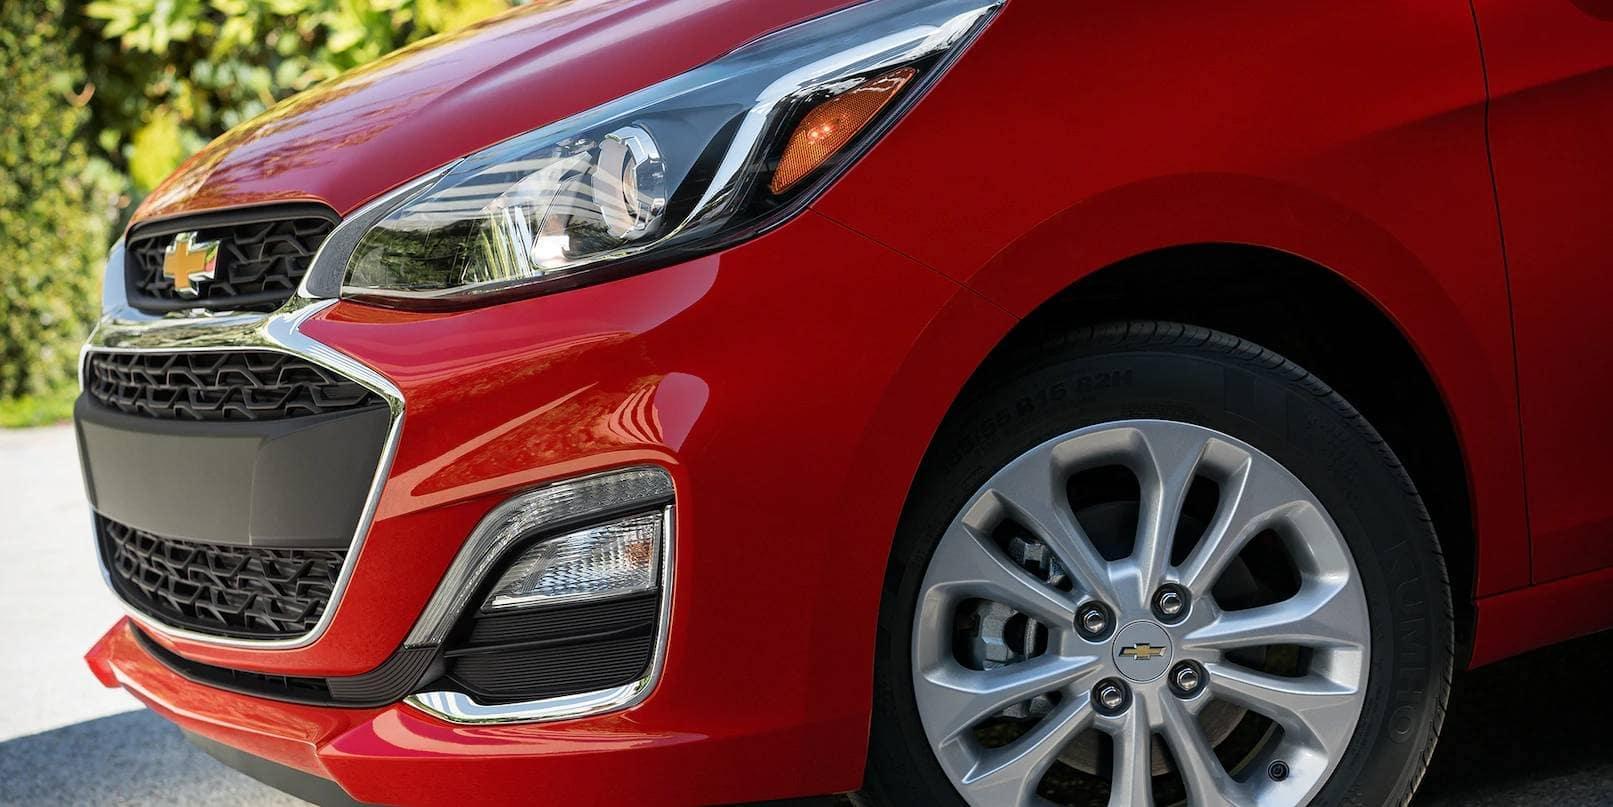 closeup of 2019 Chevrolet Spark